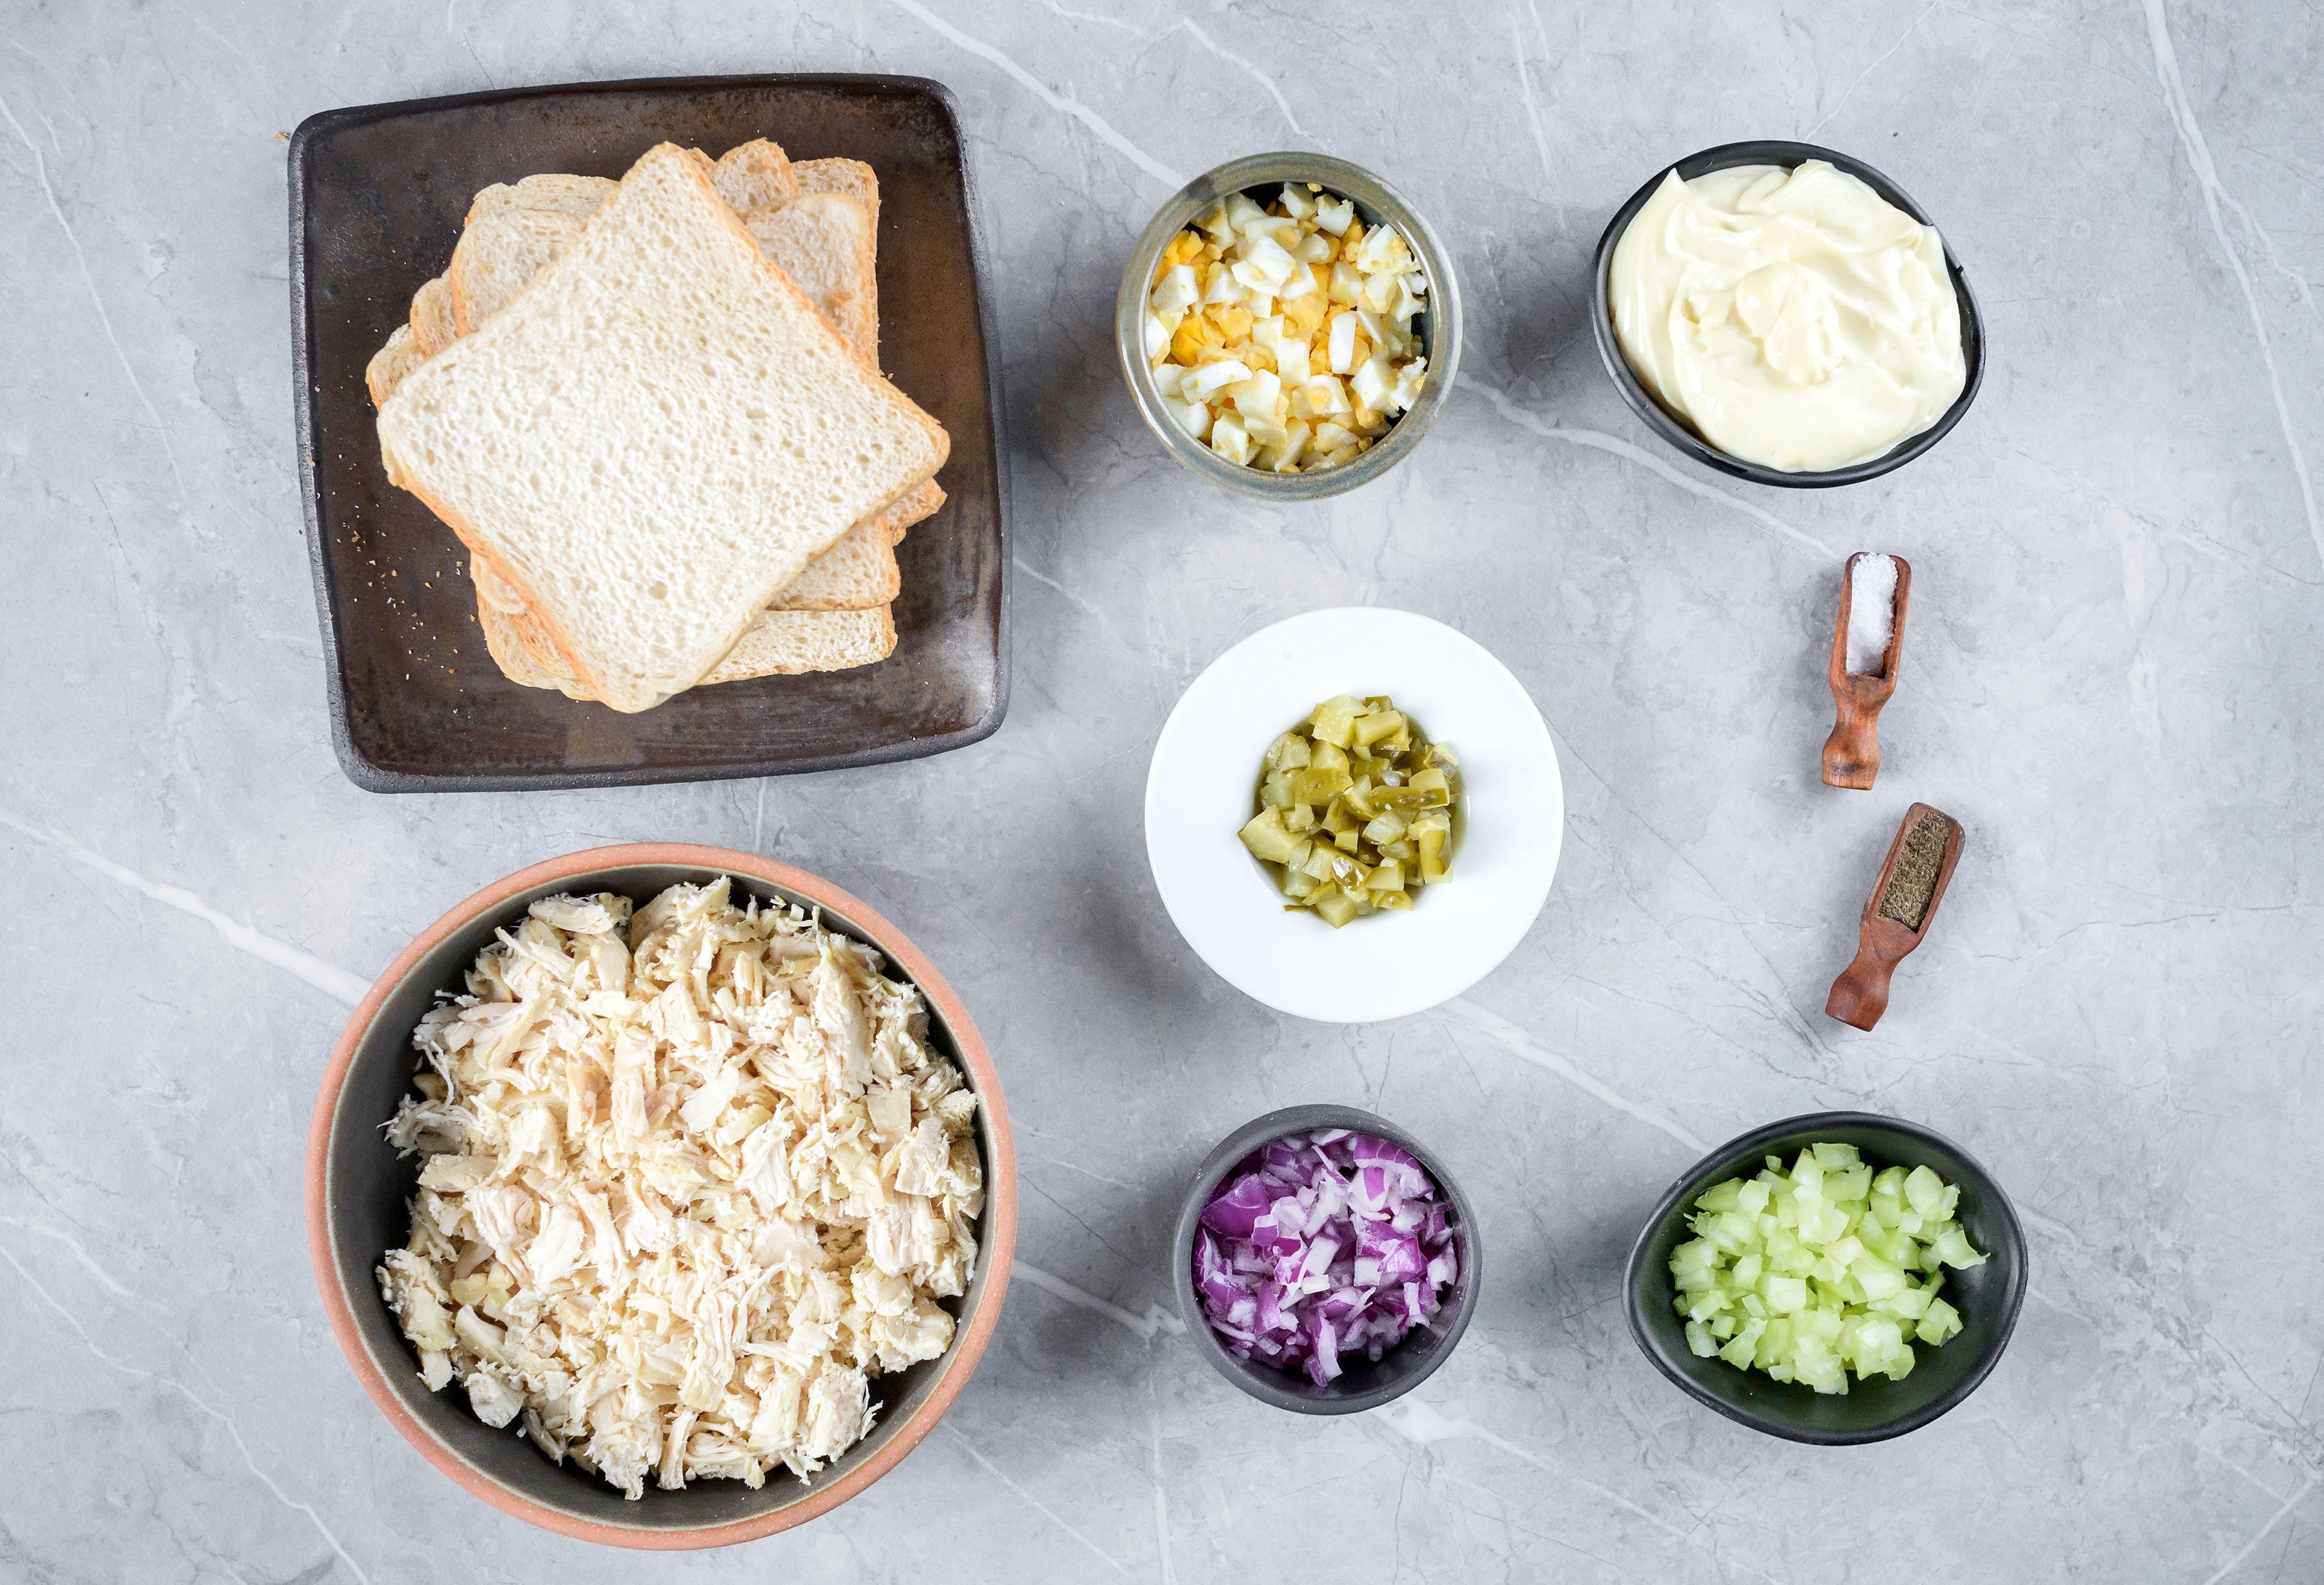 Ingredients for chicken salad sandwich